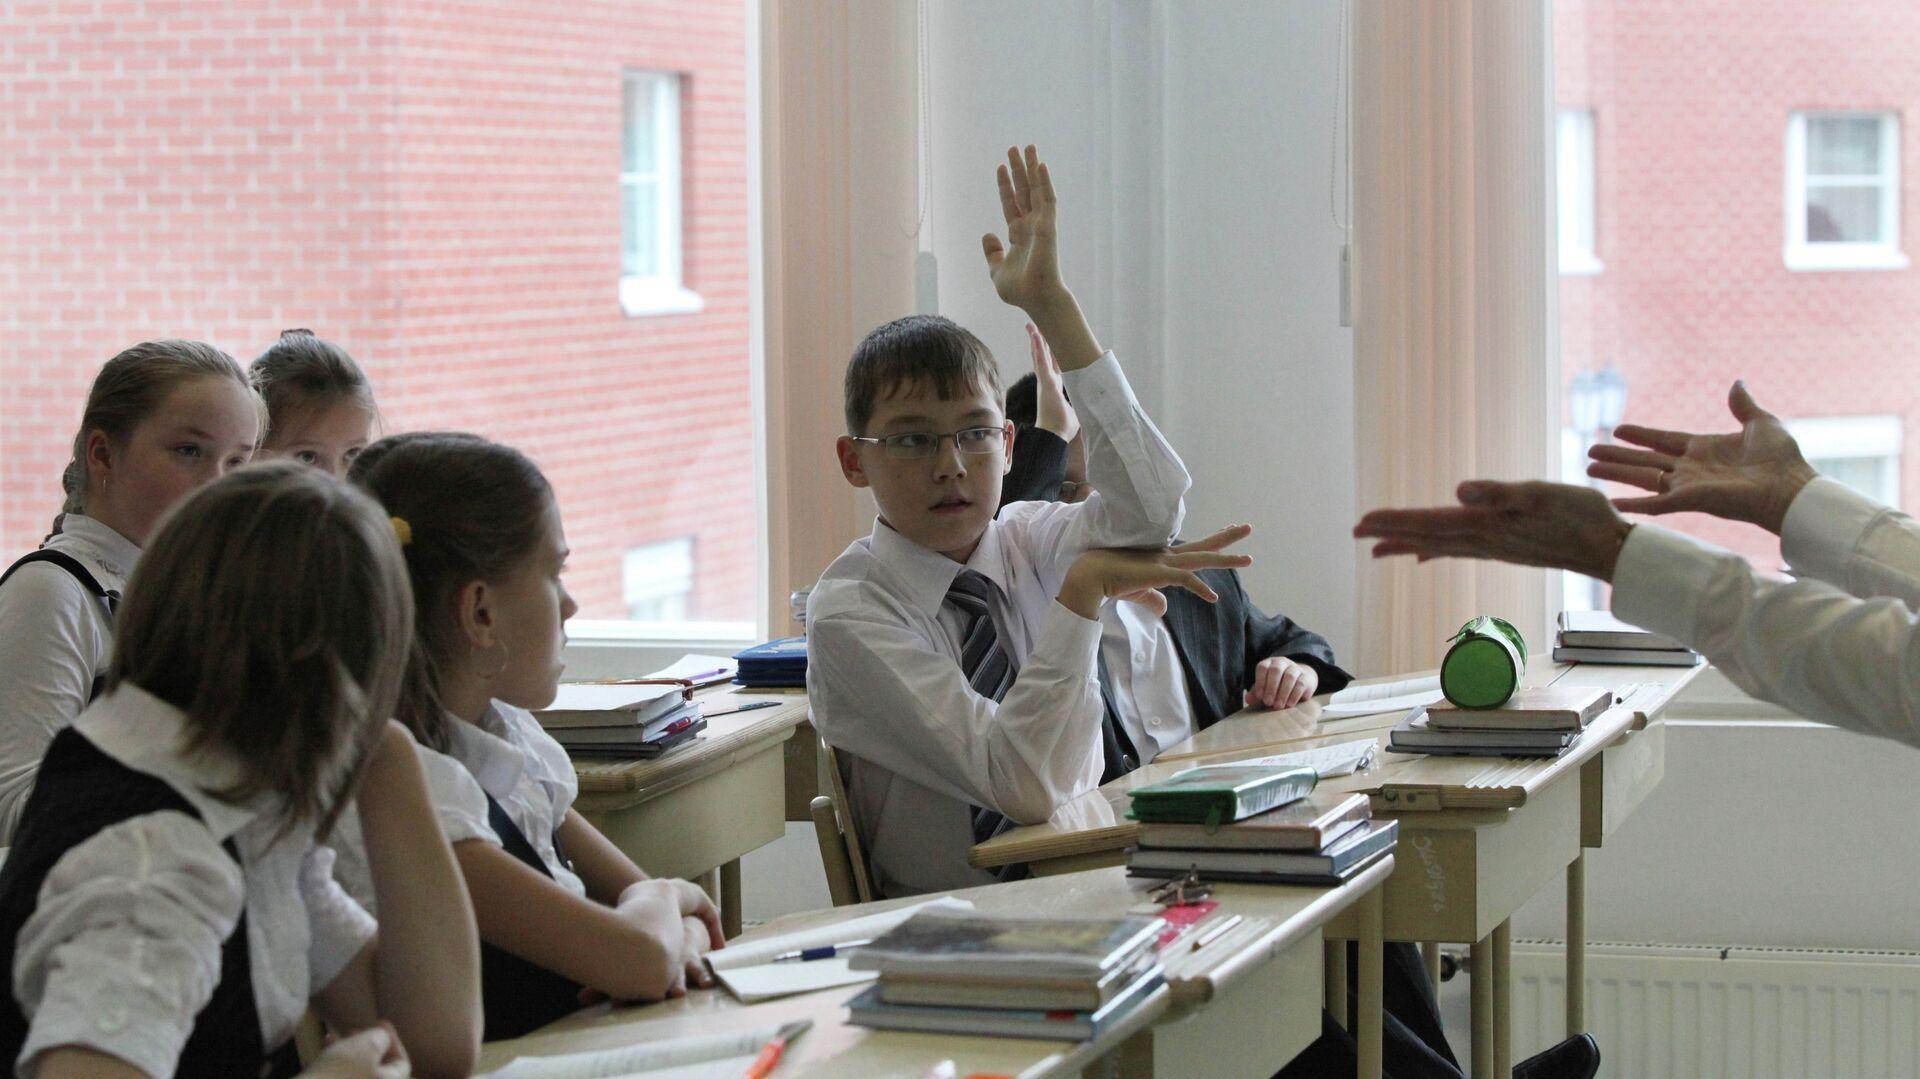 Дети на уроке - РИА Новости, 1920, 11.06.2020